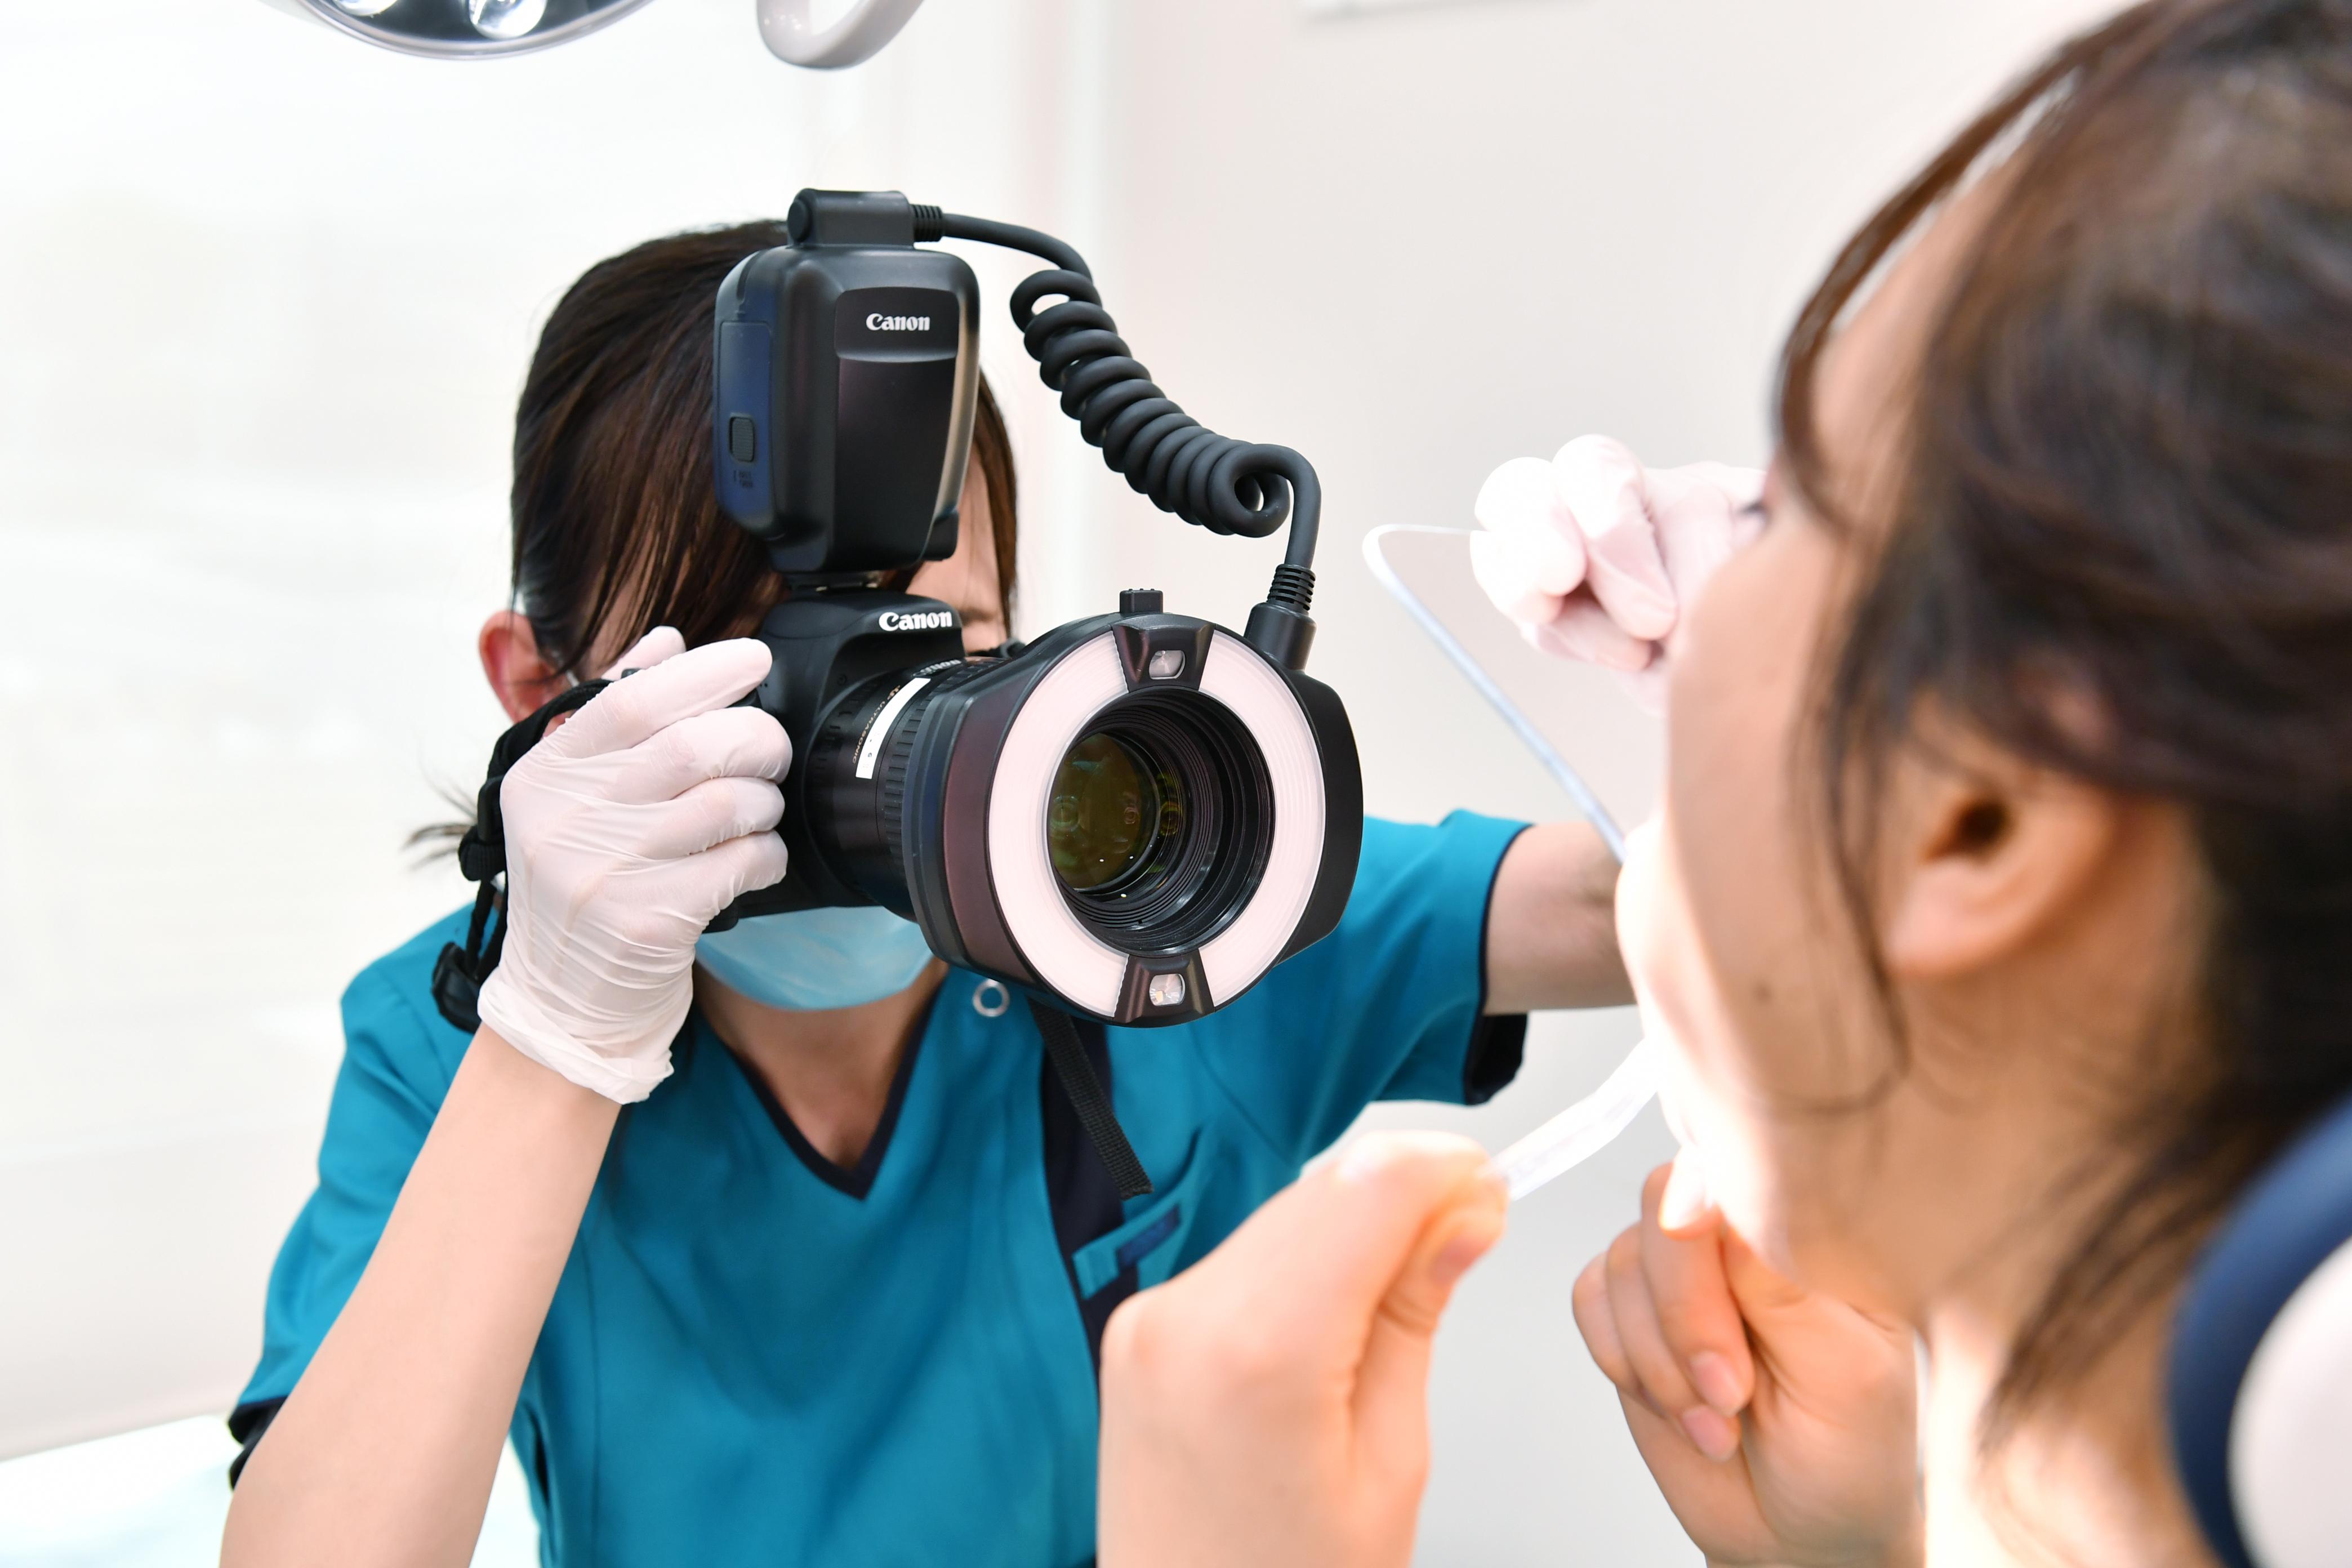 口腔内写真の撮影